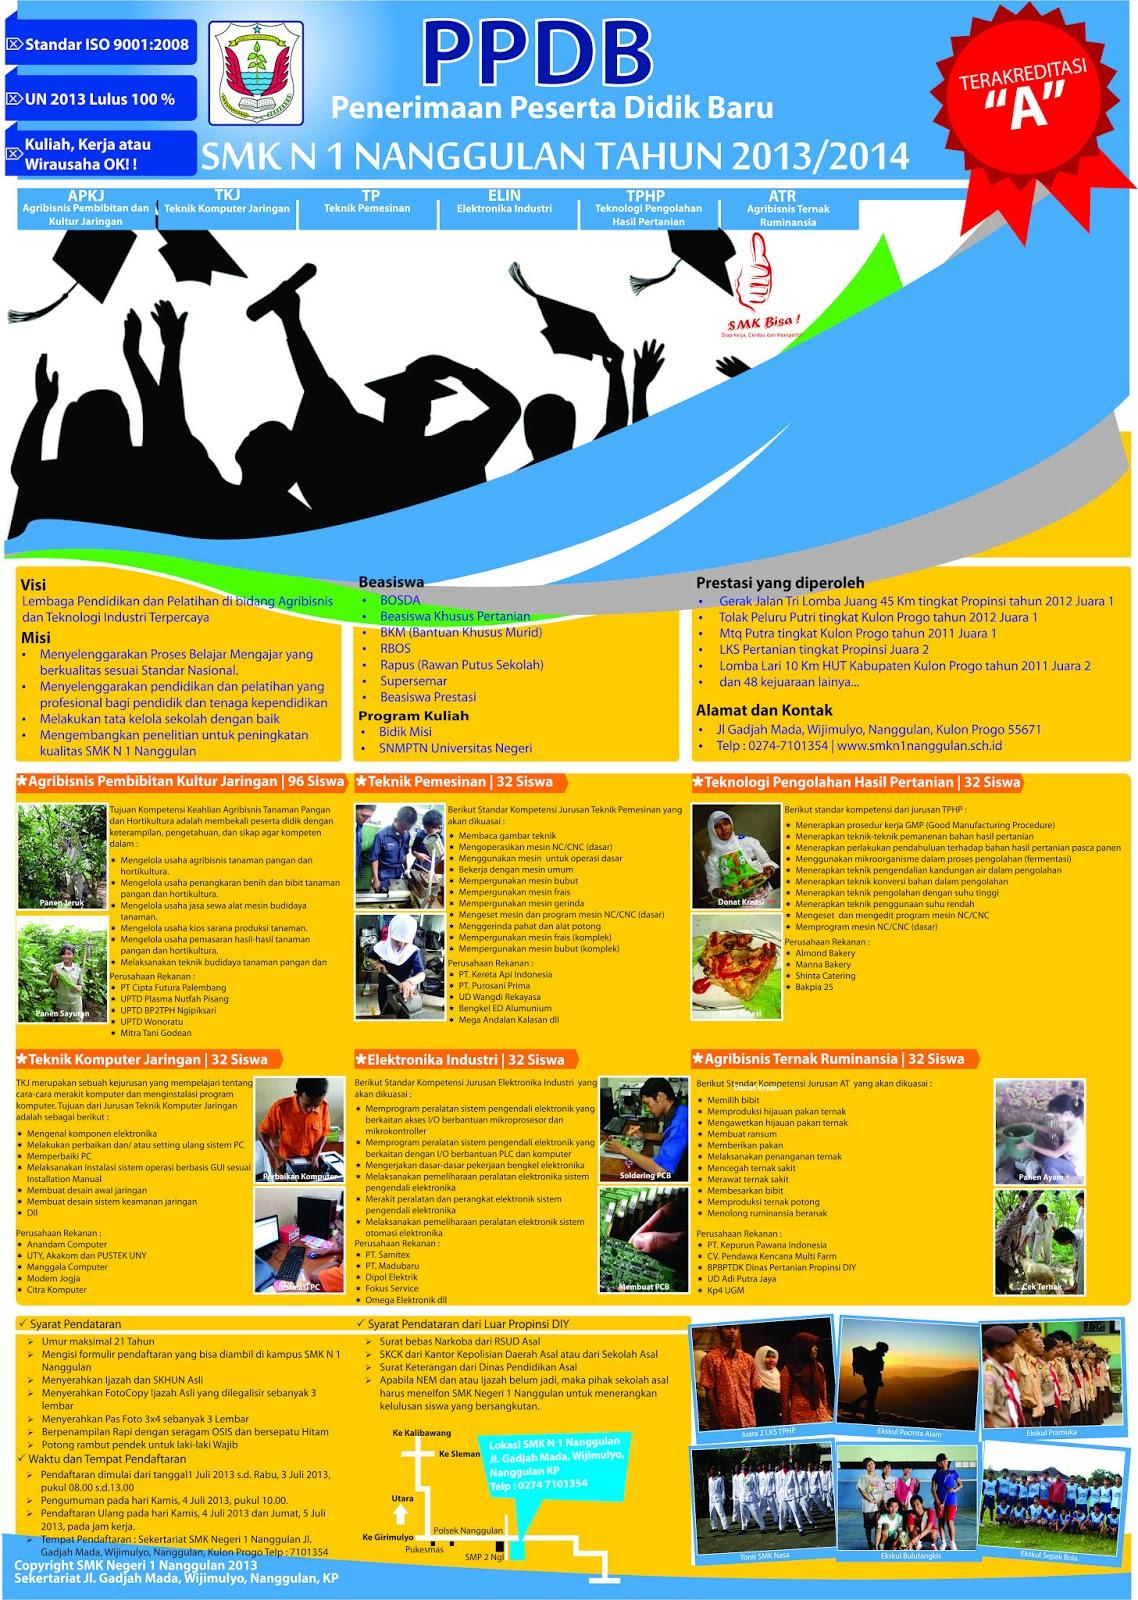 Contoh Poster A3 Penerimaan Siswa Baru 2013/2014 - Setelah pamflet ...